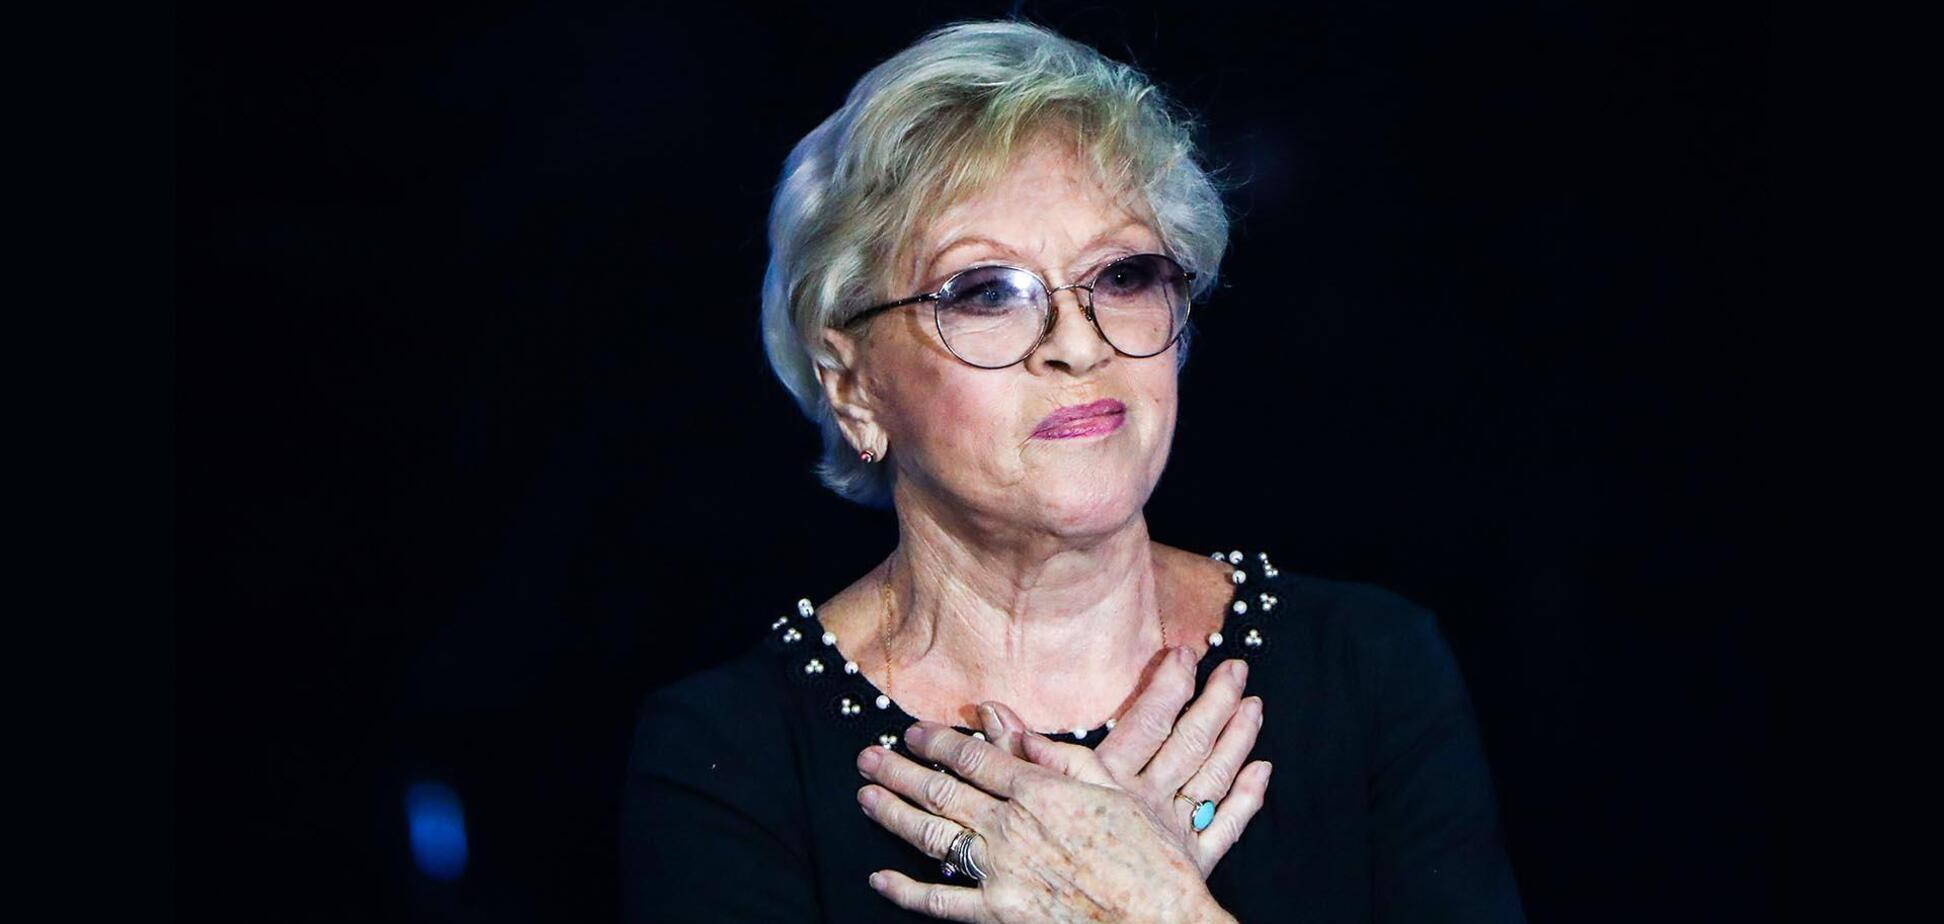 86-летняя Алиса Фрейндлих госпитализирована с коронавирусом: в каком состоянии актриса